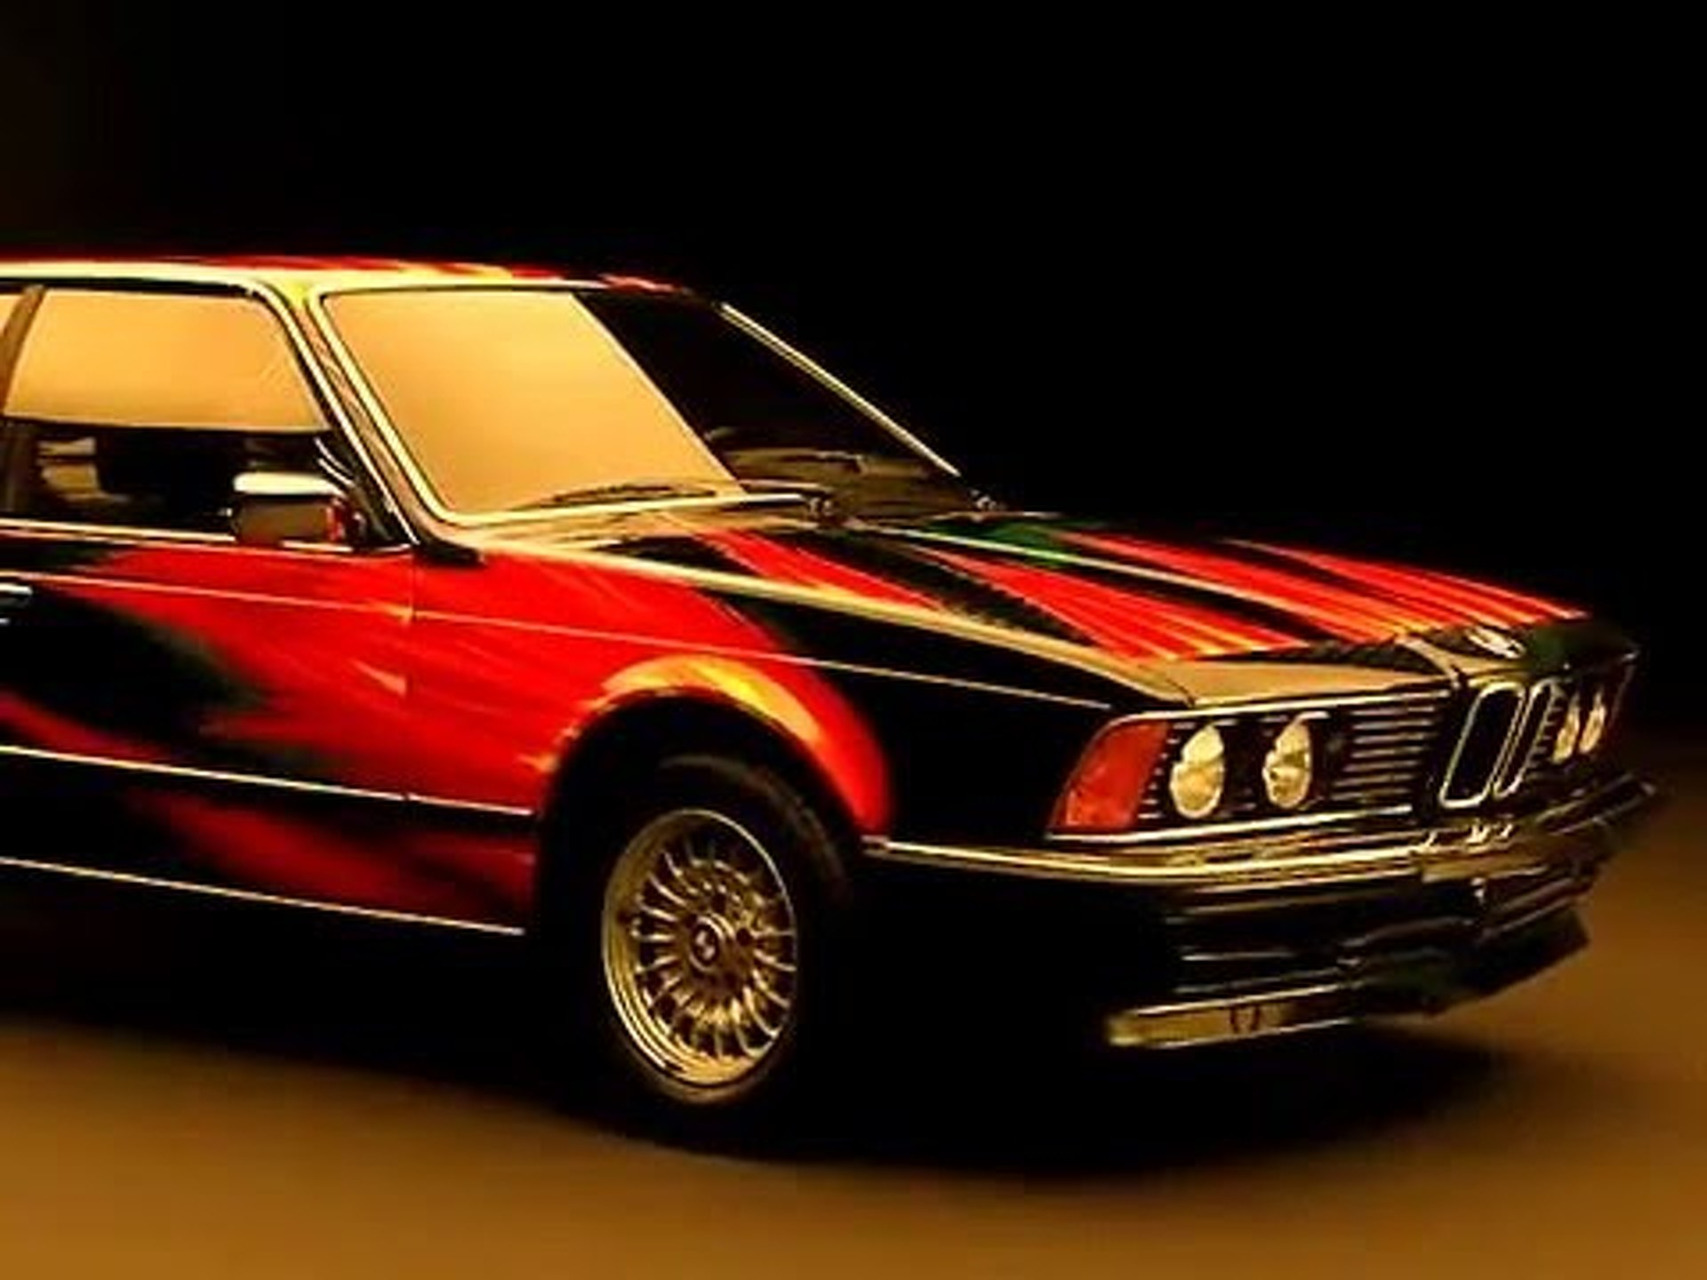 BMW 635 CSi Artcar von Ernst Fuchs, 1982